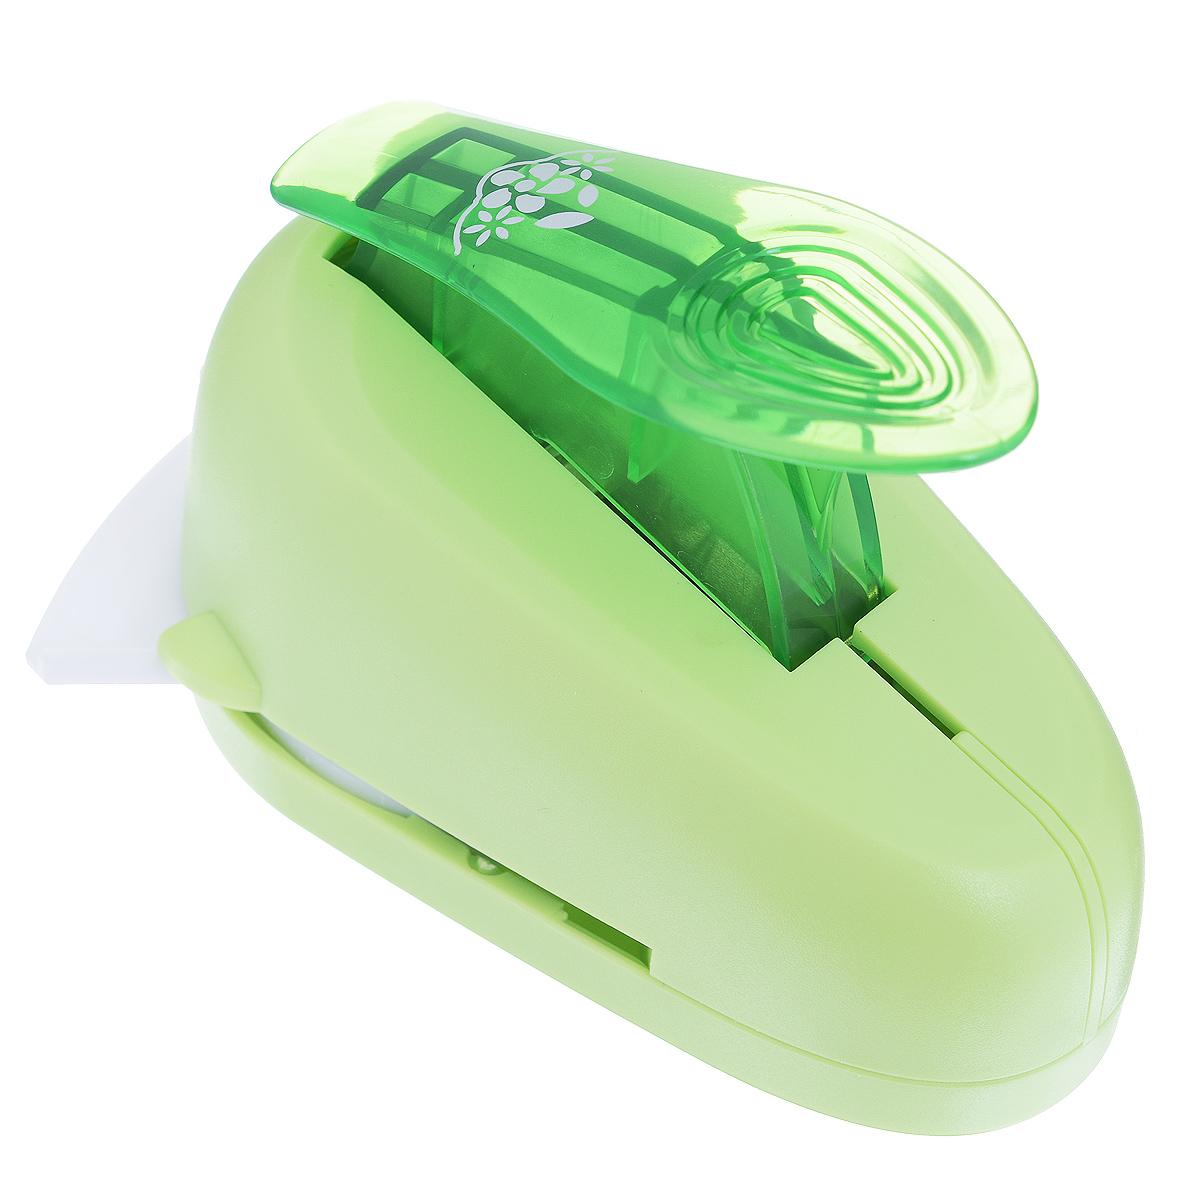 Дырокол фигурный Астра Цветочки, угловой. CD-99MC7709610_61Дырокол Астра Цветочки поможет вам легко, просто и аккуратно вырезать много одинаковых мелких фигурок.Режущие части компостера закрыты пластмассовым корпусом, что обеспечивает безопасность для детей. Можно использовать вырезанные мотивы как конфетти или для наклеивания. Дырокол подходит для разных техник: декупажа, скрапбукинга, декорирования.Размер дырокола: 10 см х 7 см х 7 см. Размер готовой фигурки: 2,8 см х 2 см.